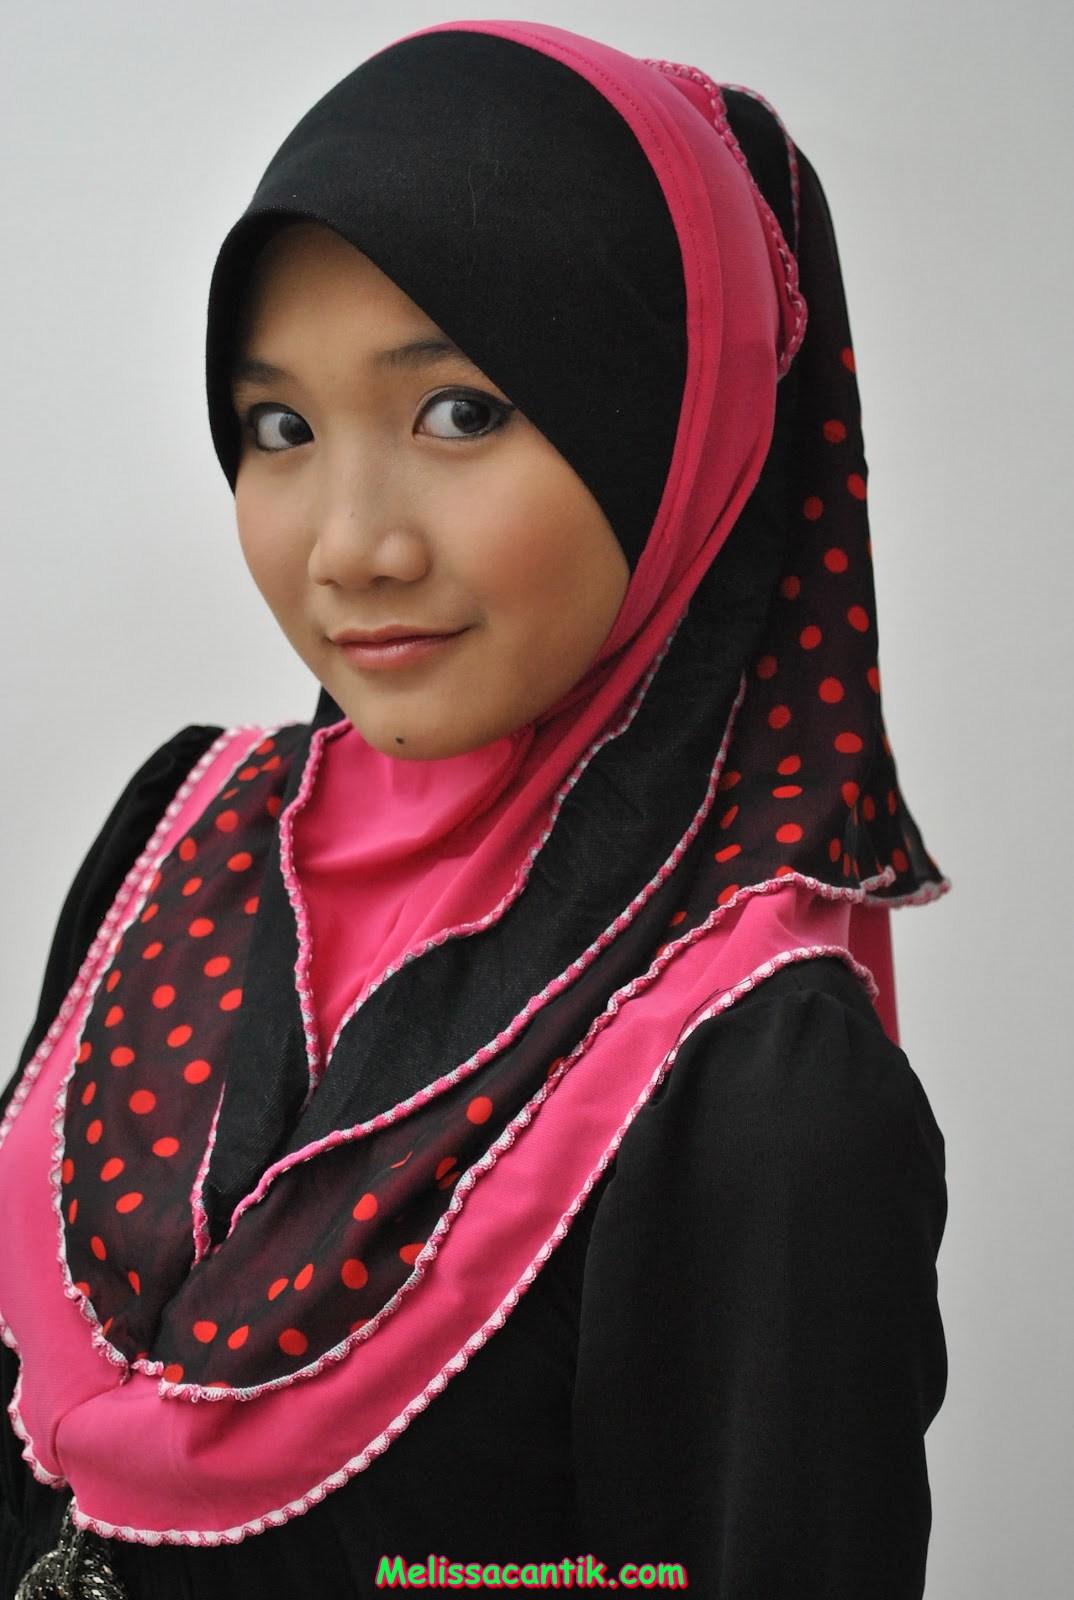 Cewek Imut Hobi Mansturbasi Full Picture Pic 33 of 35